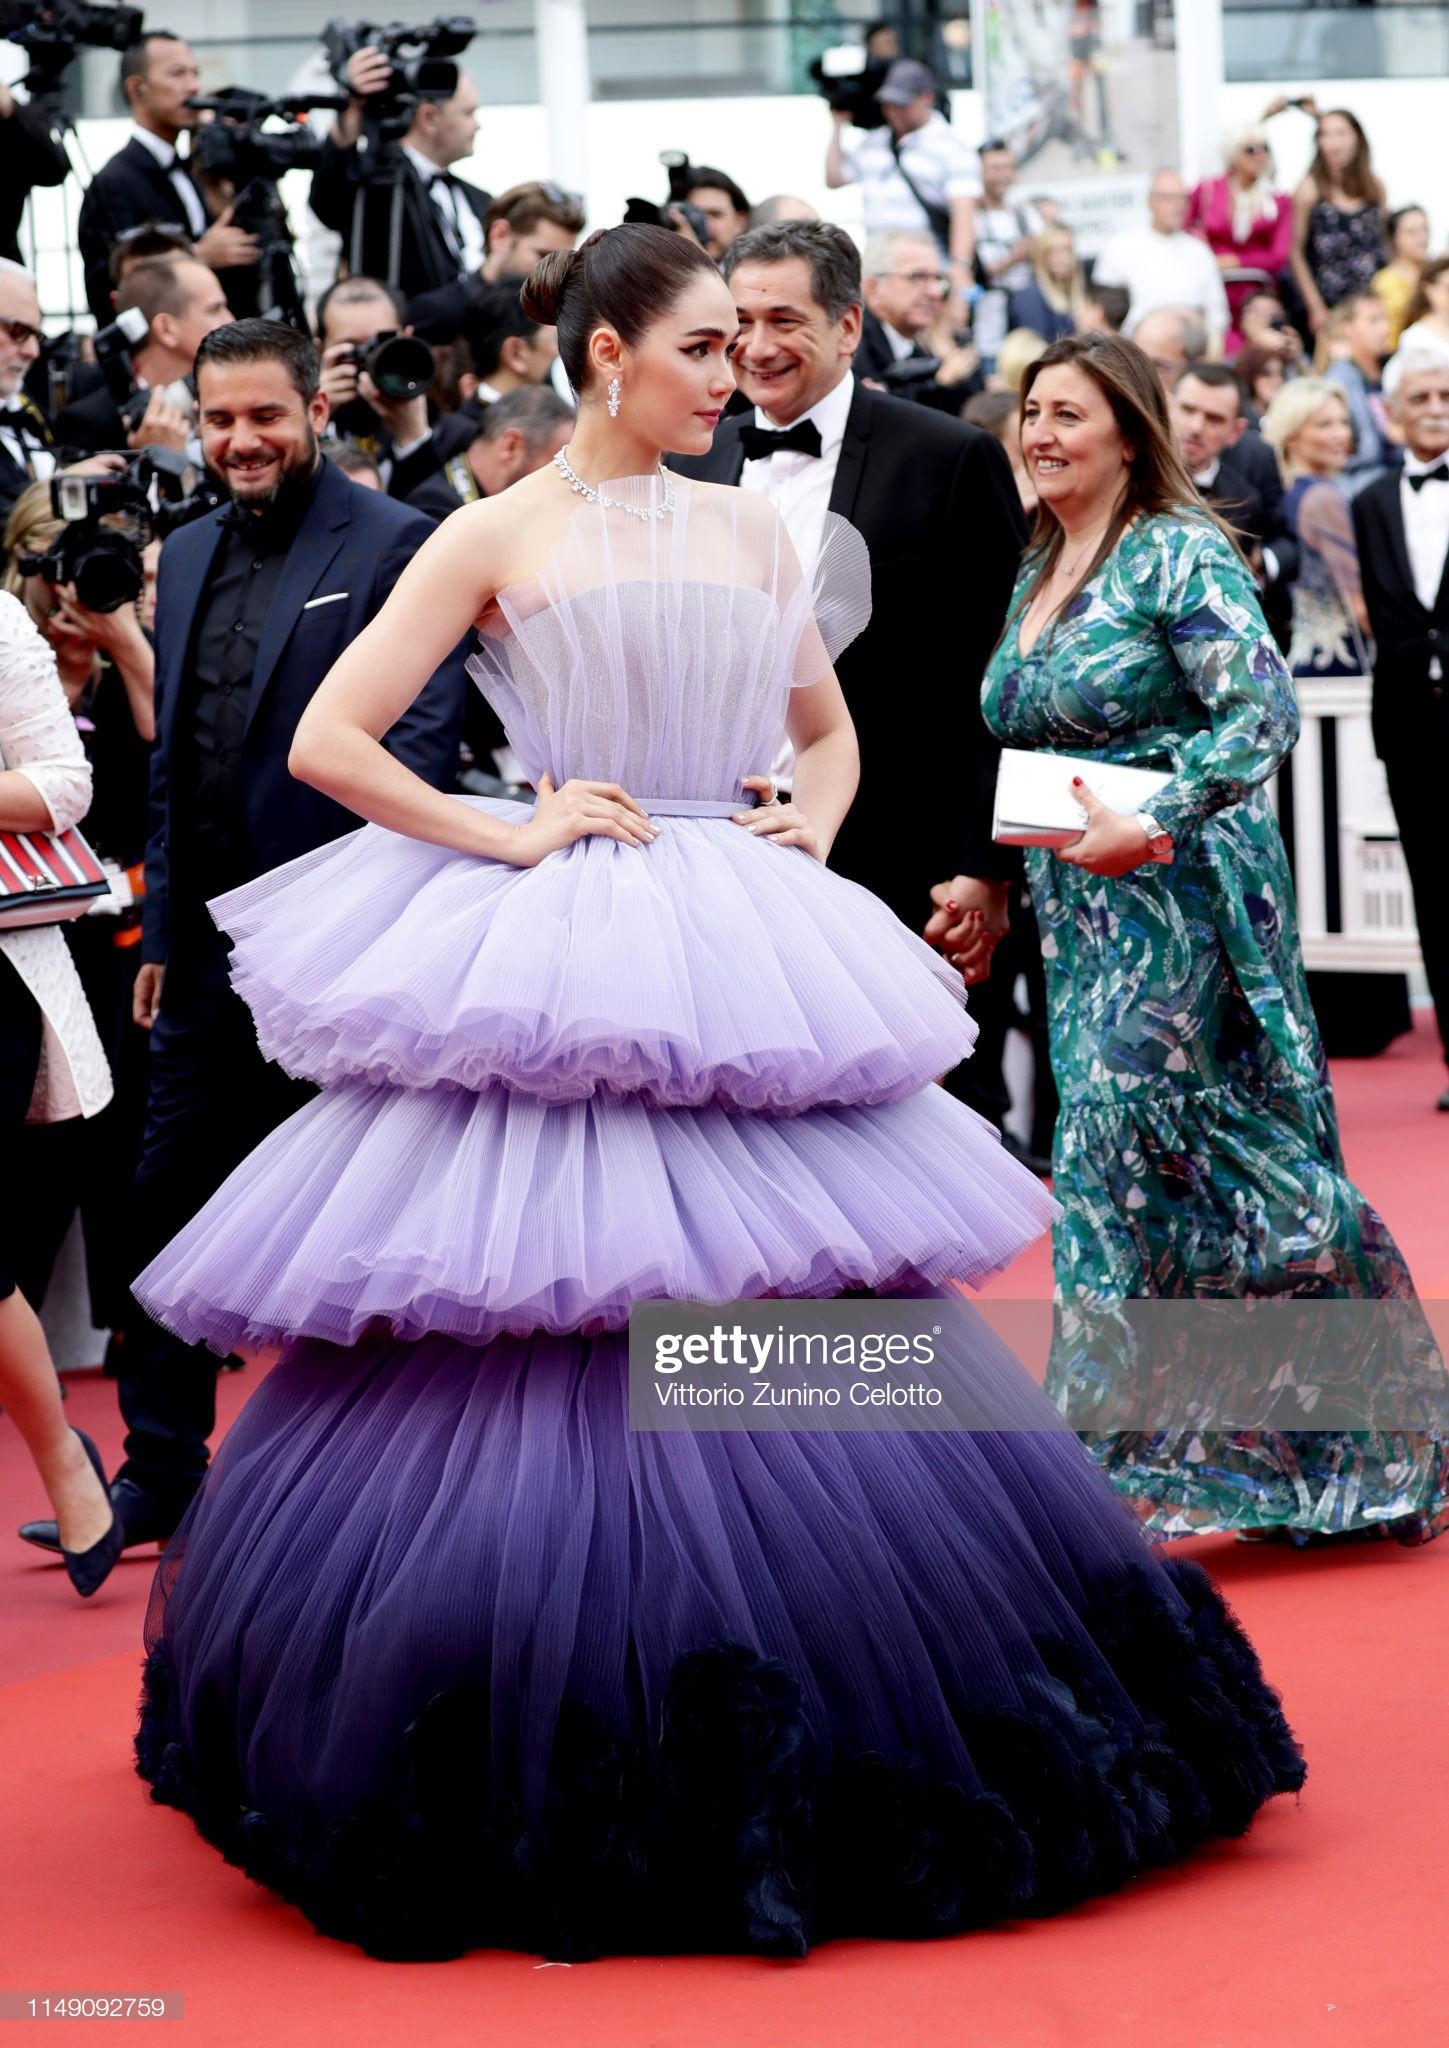 Cannes ngày đầu tiên: Phạm Băng Băng Thái Lan mới chính là mỹ nhân châu Á chặt chém nhất với thần thái bức người - Ảnh 11.